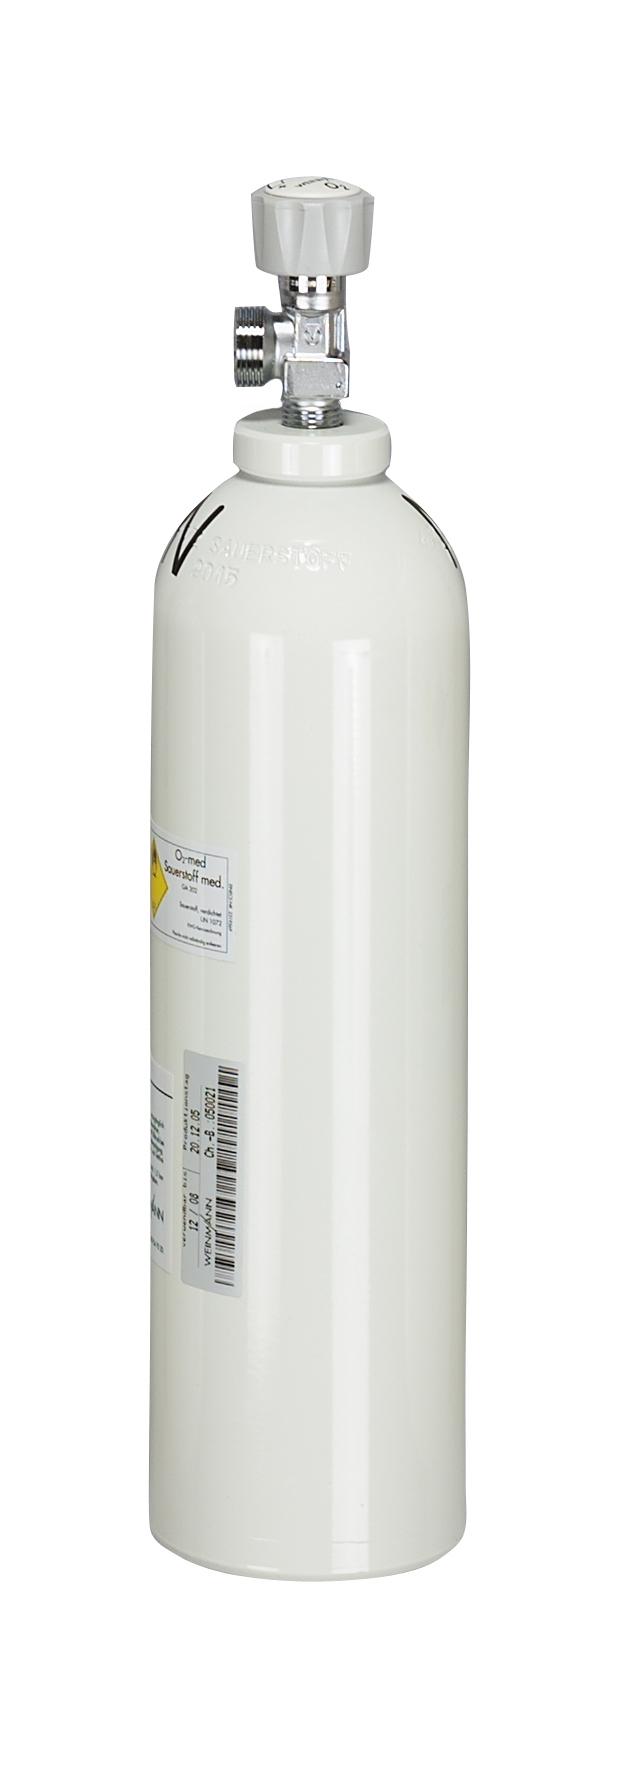 Sauerstoff-Leichtflasche, leer, G 3/4,  Aluminum, max. Fülldruck 200 bar, 2l